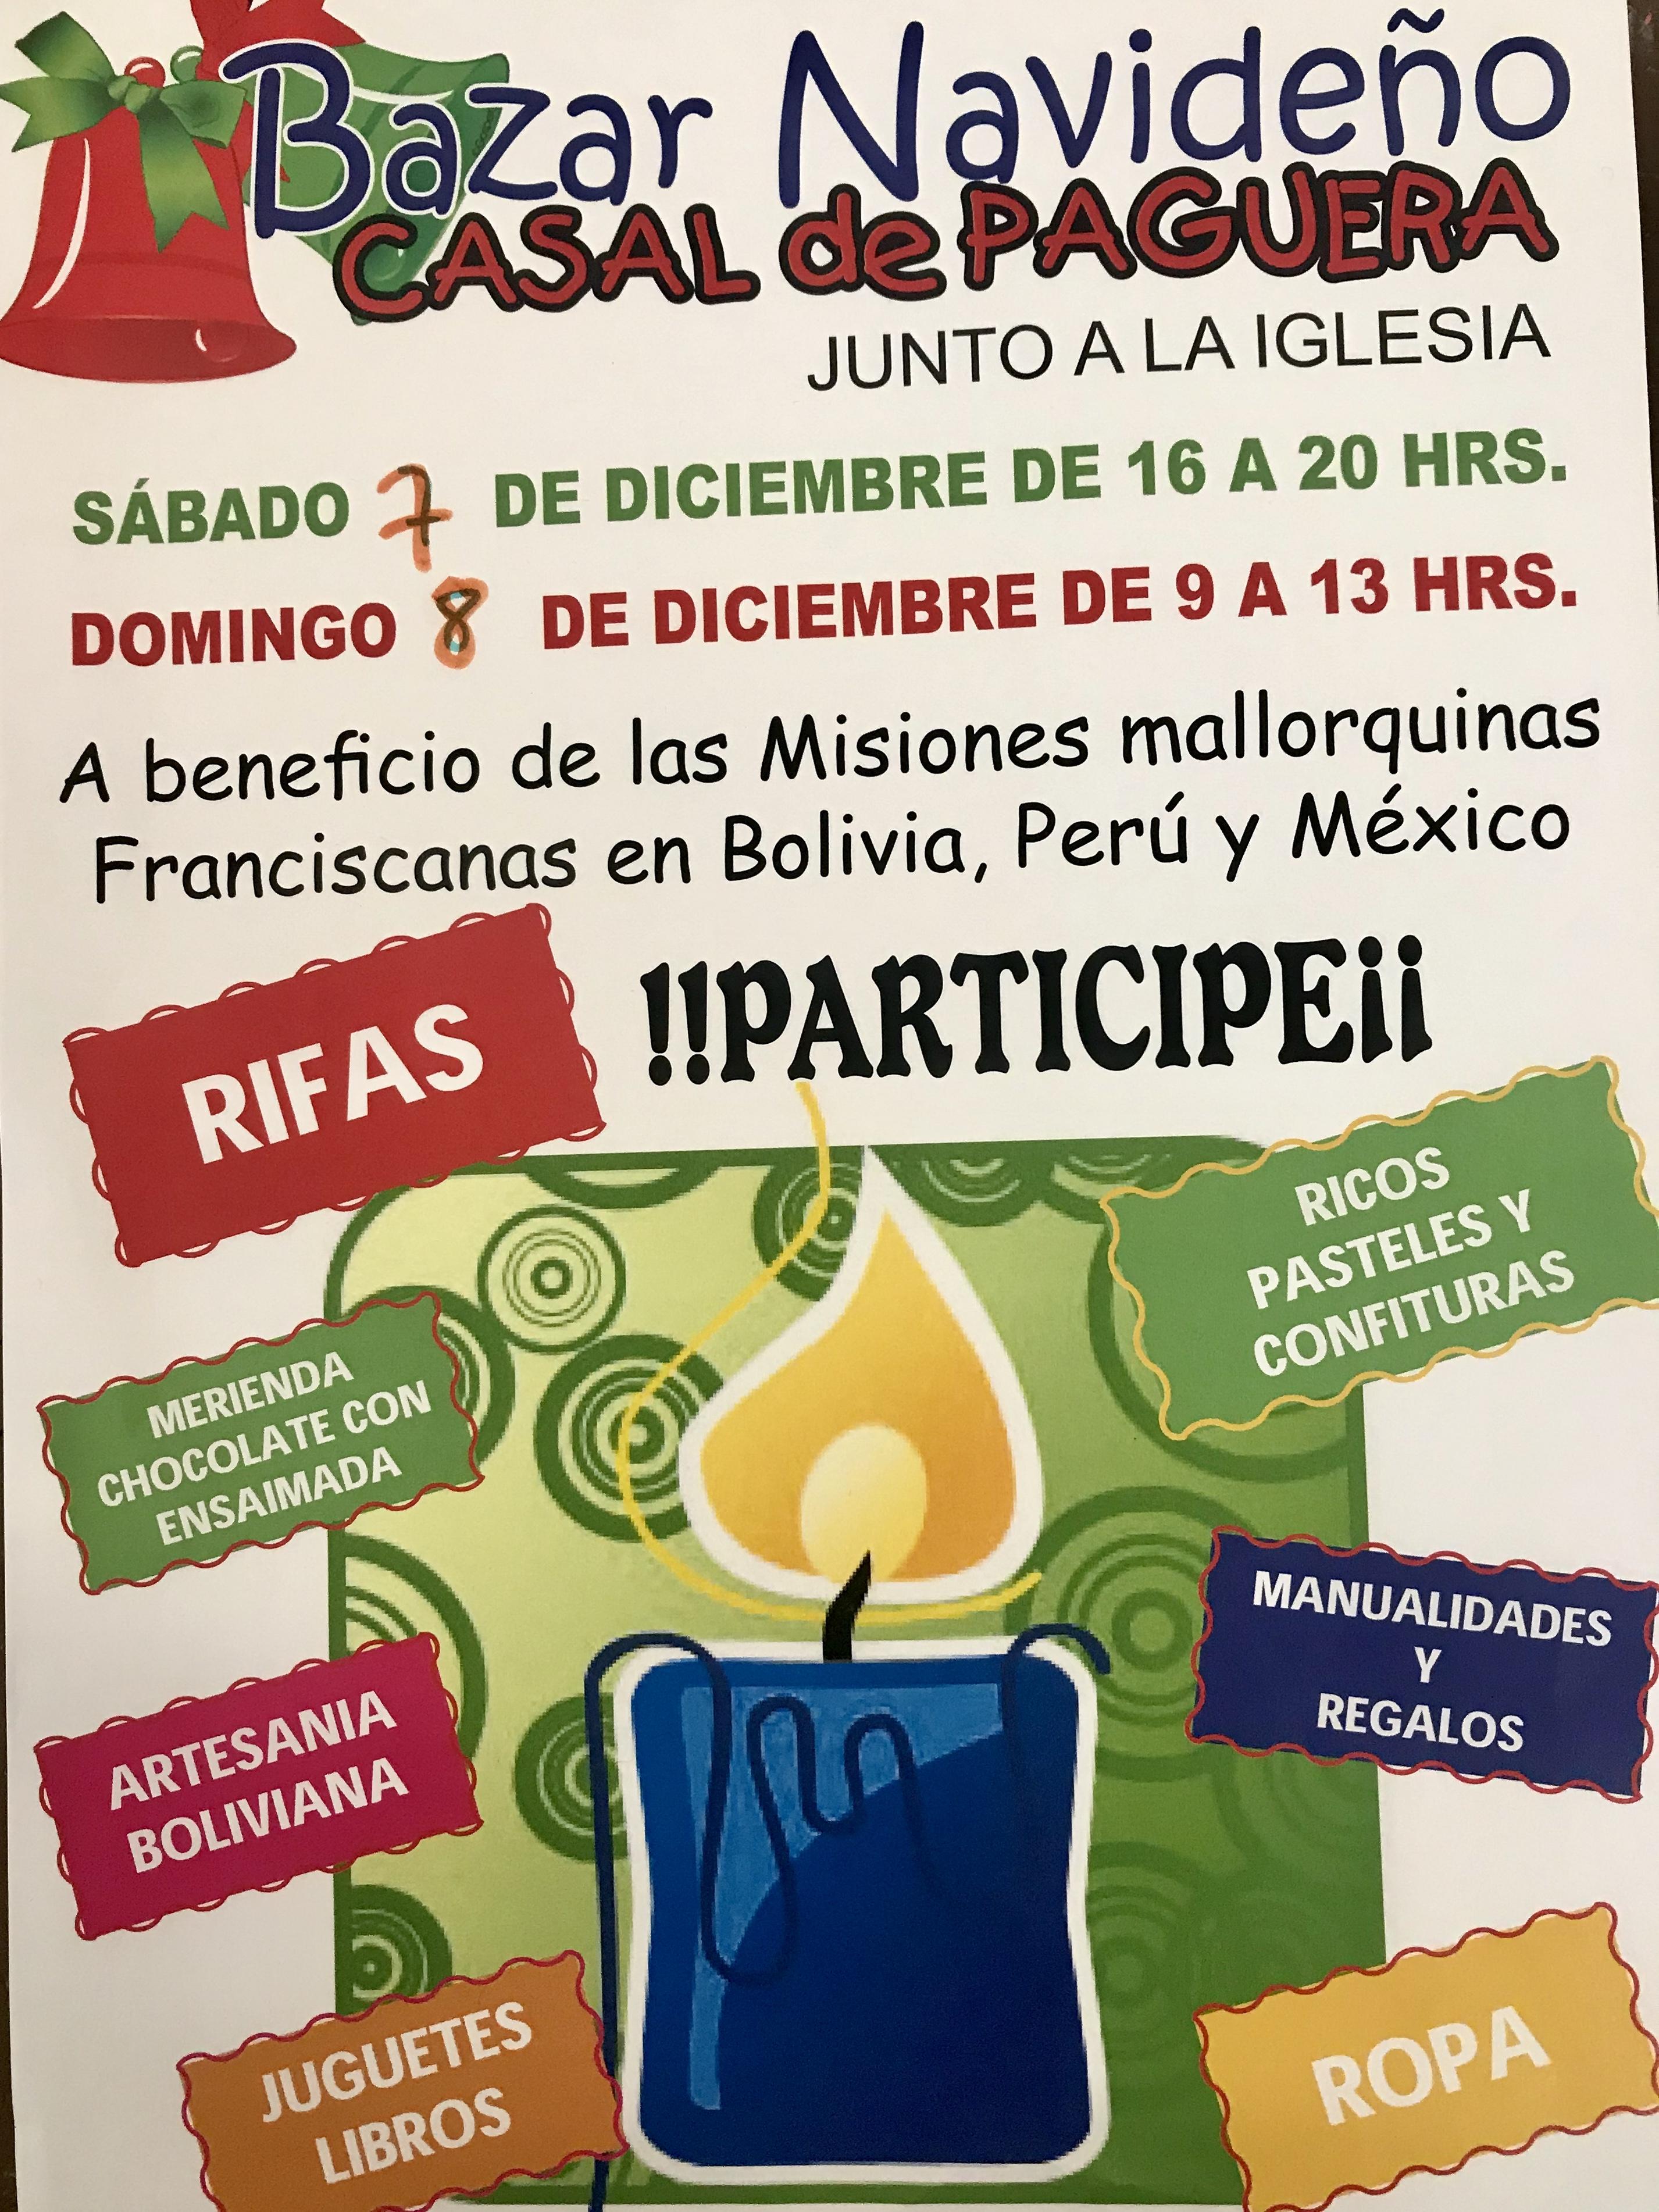 Bazar Navideño en Peguera, días 7 y 8 de diciembre